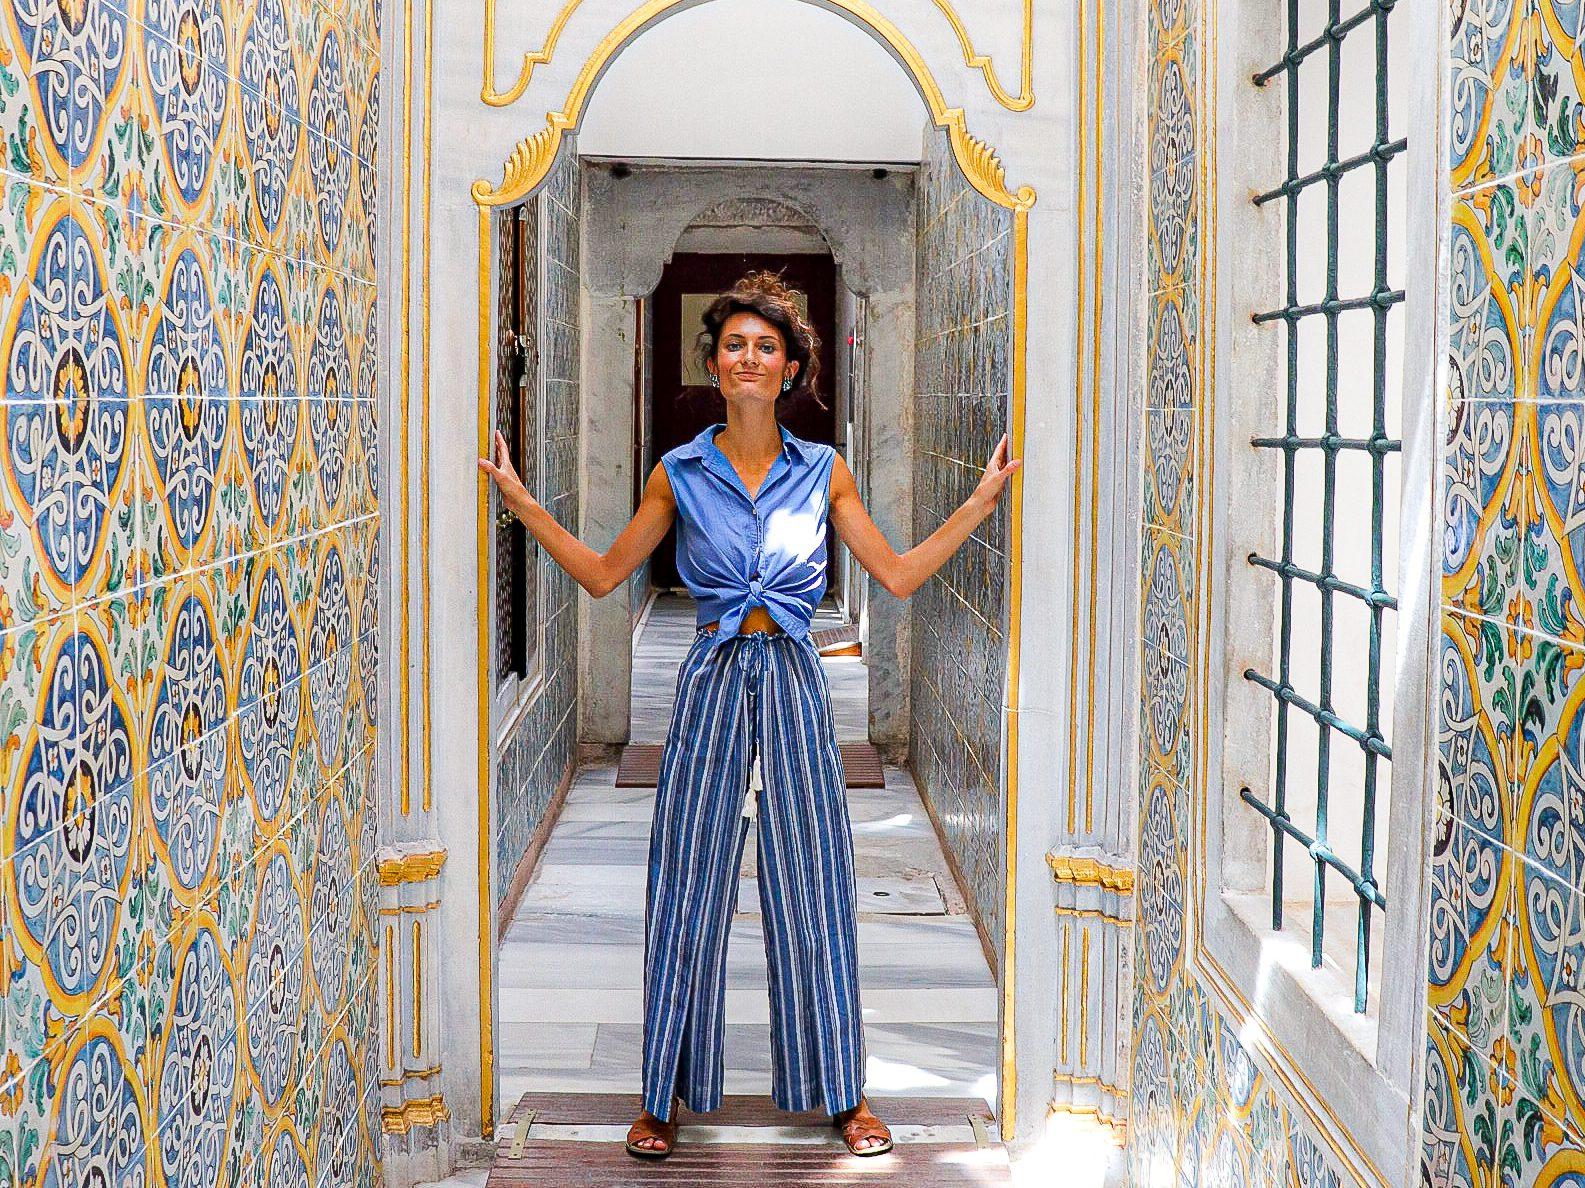 Topkapi Palace Harem. Istanbul, Turkey